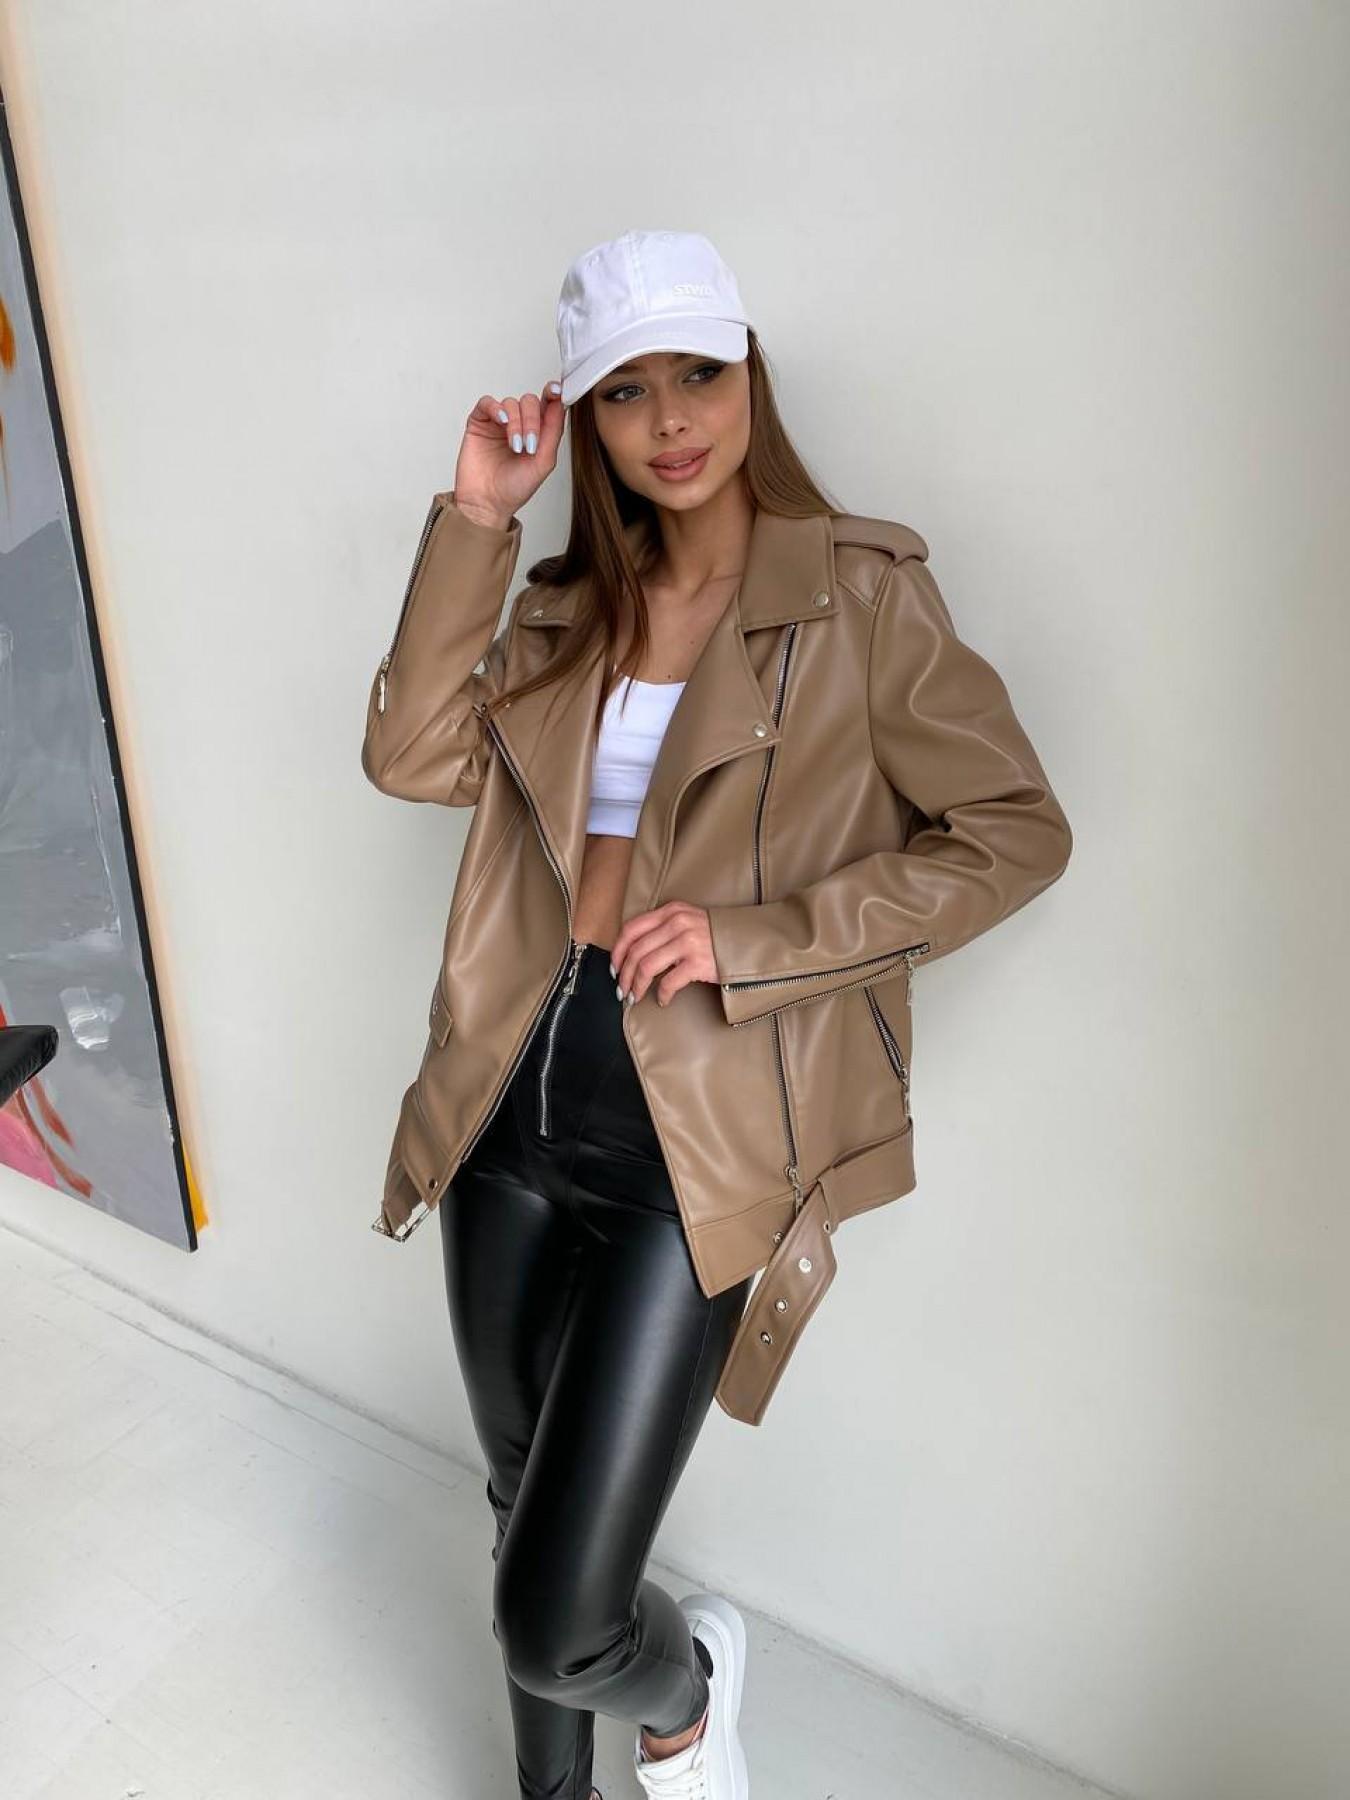 Босс куртка из экокожи прокатанной  11173 АРТ. 47788 Цвет: Бежевый Темный - фото 2, интернет магазин tm-modus.ru